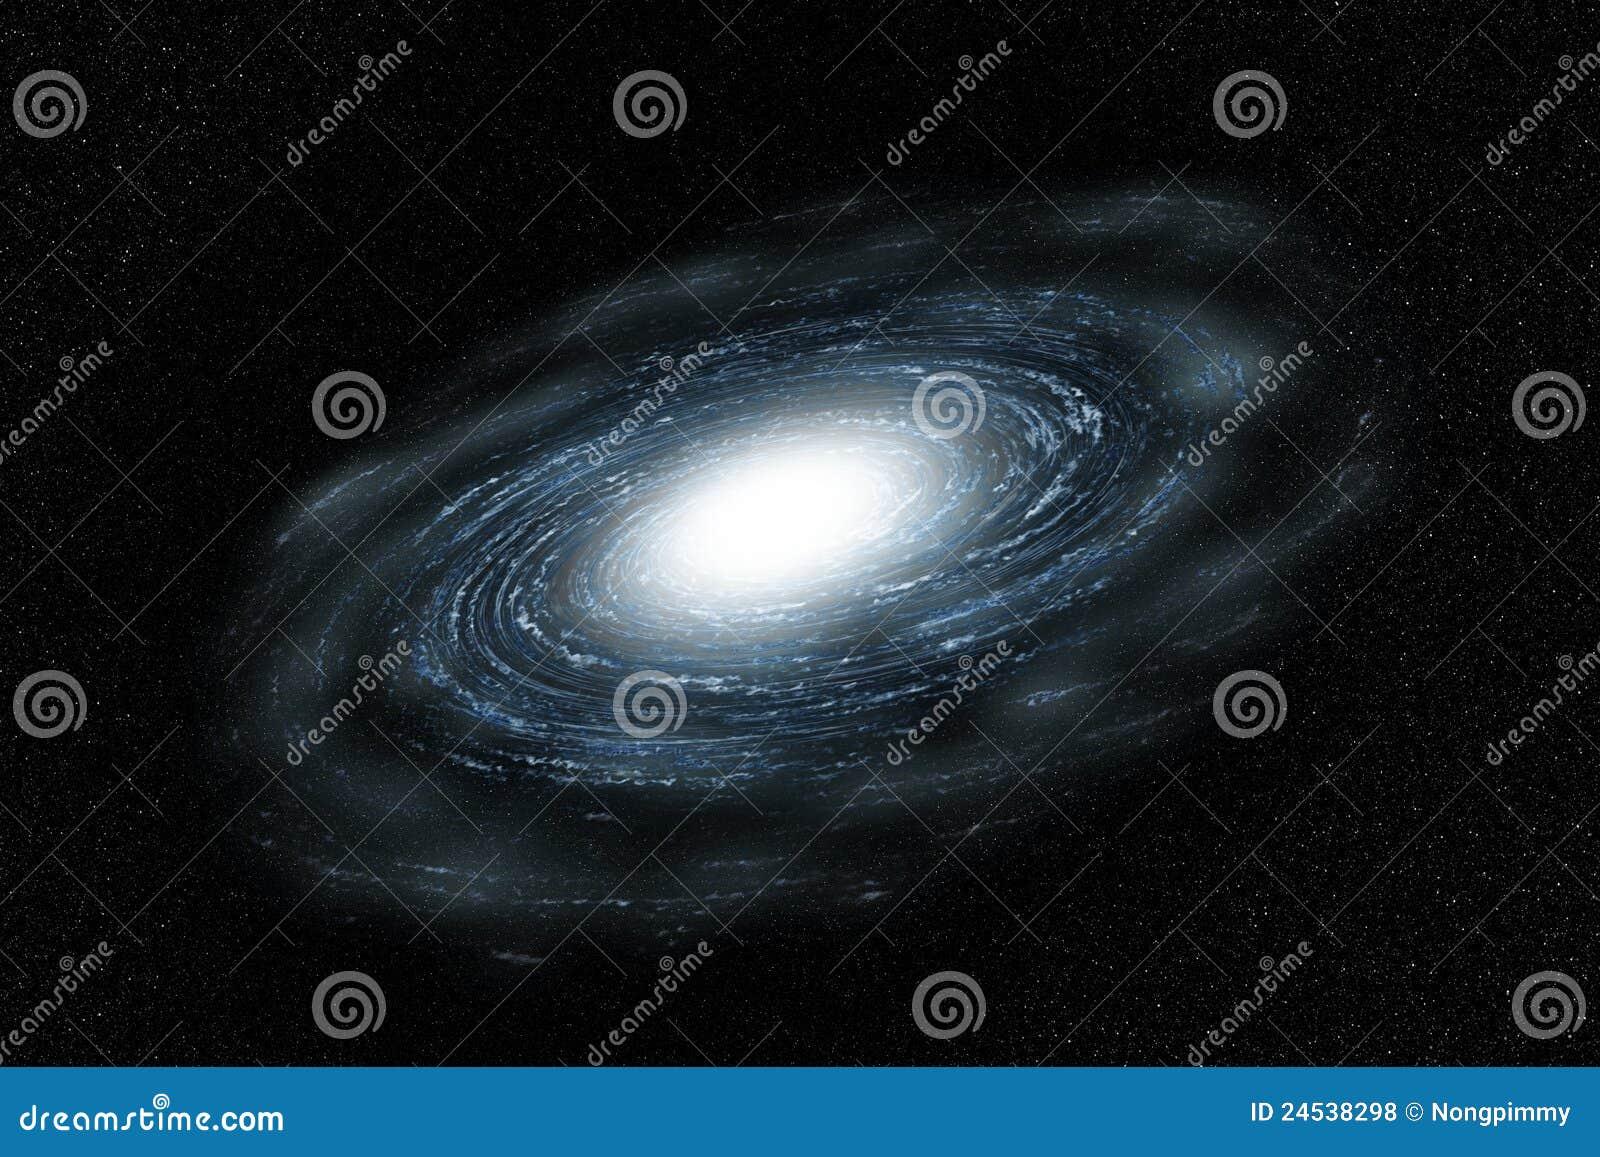 Galaxy of Blue